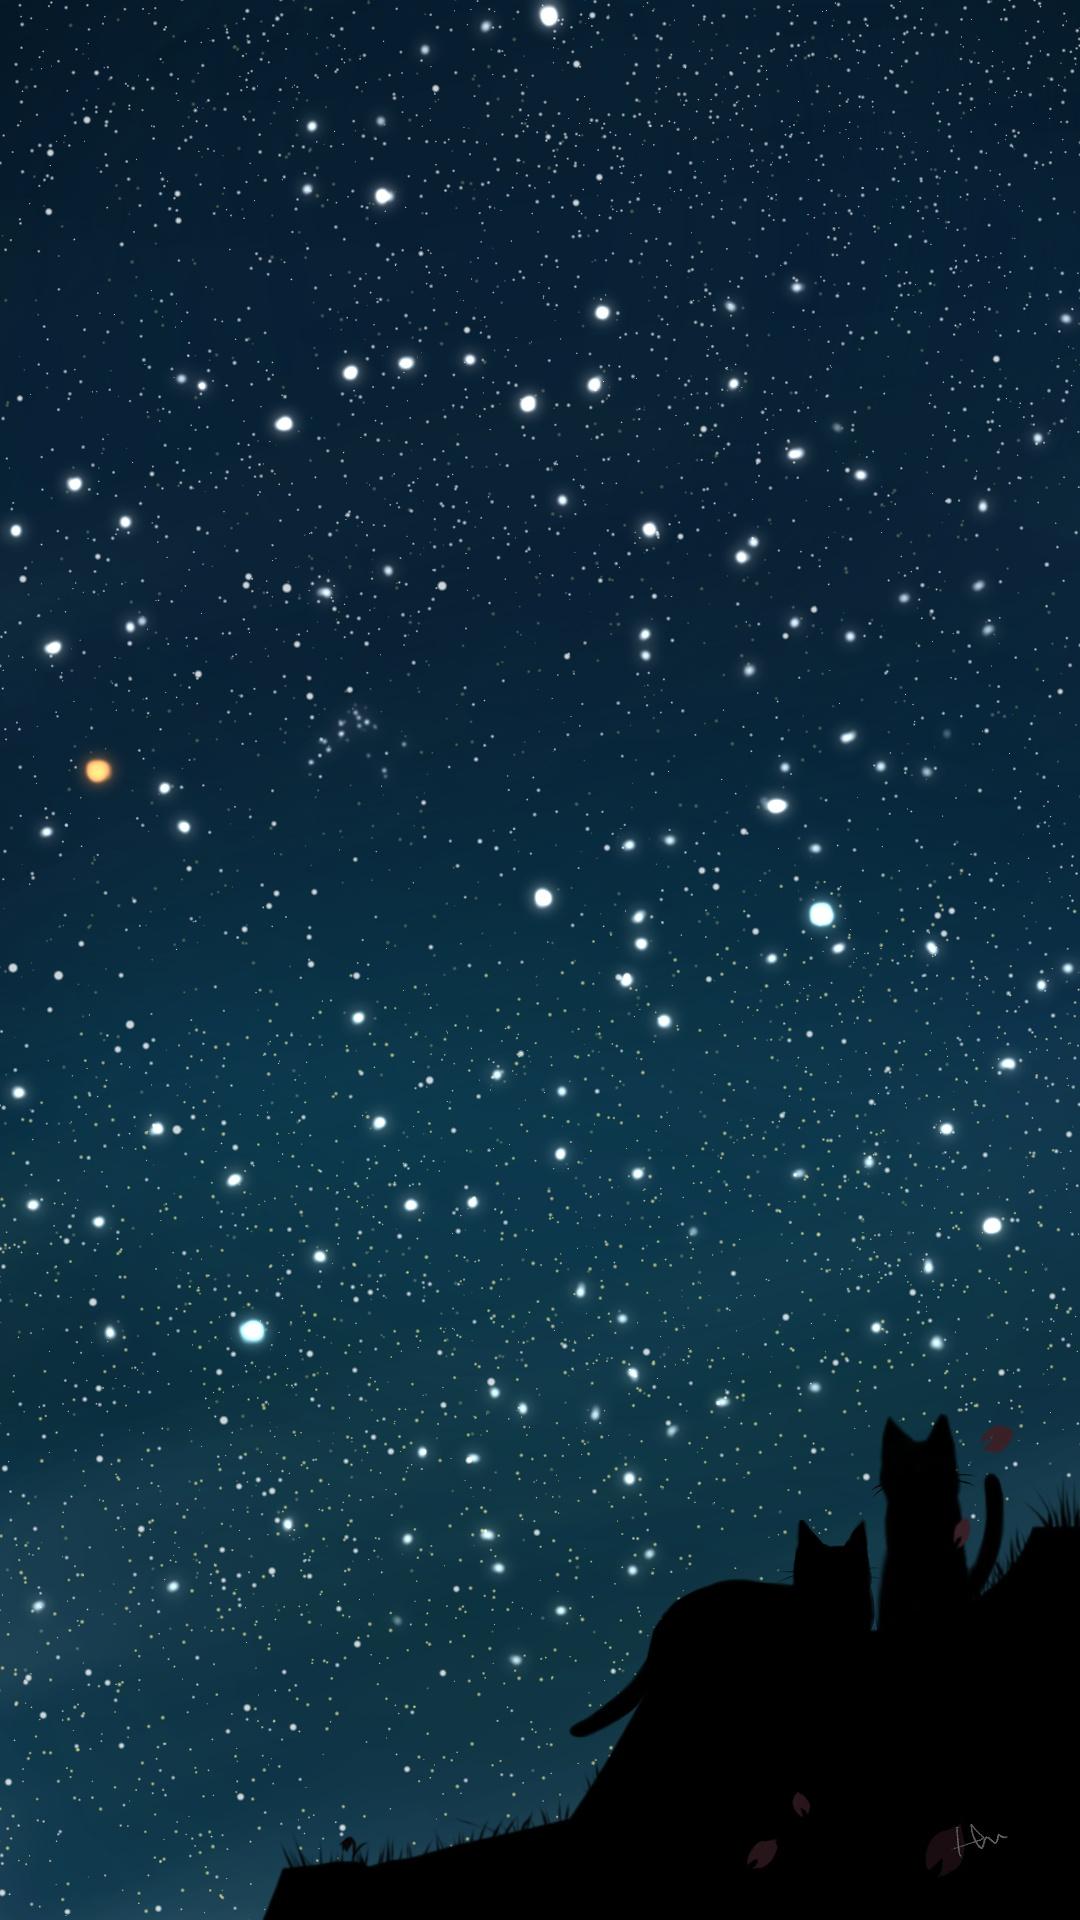 スマホ用壁紙春の星座が輝く夜空と猫